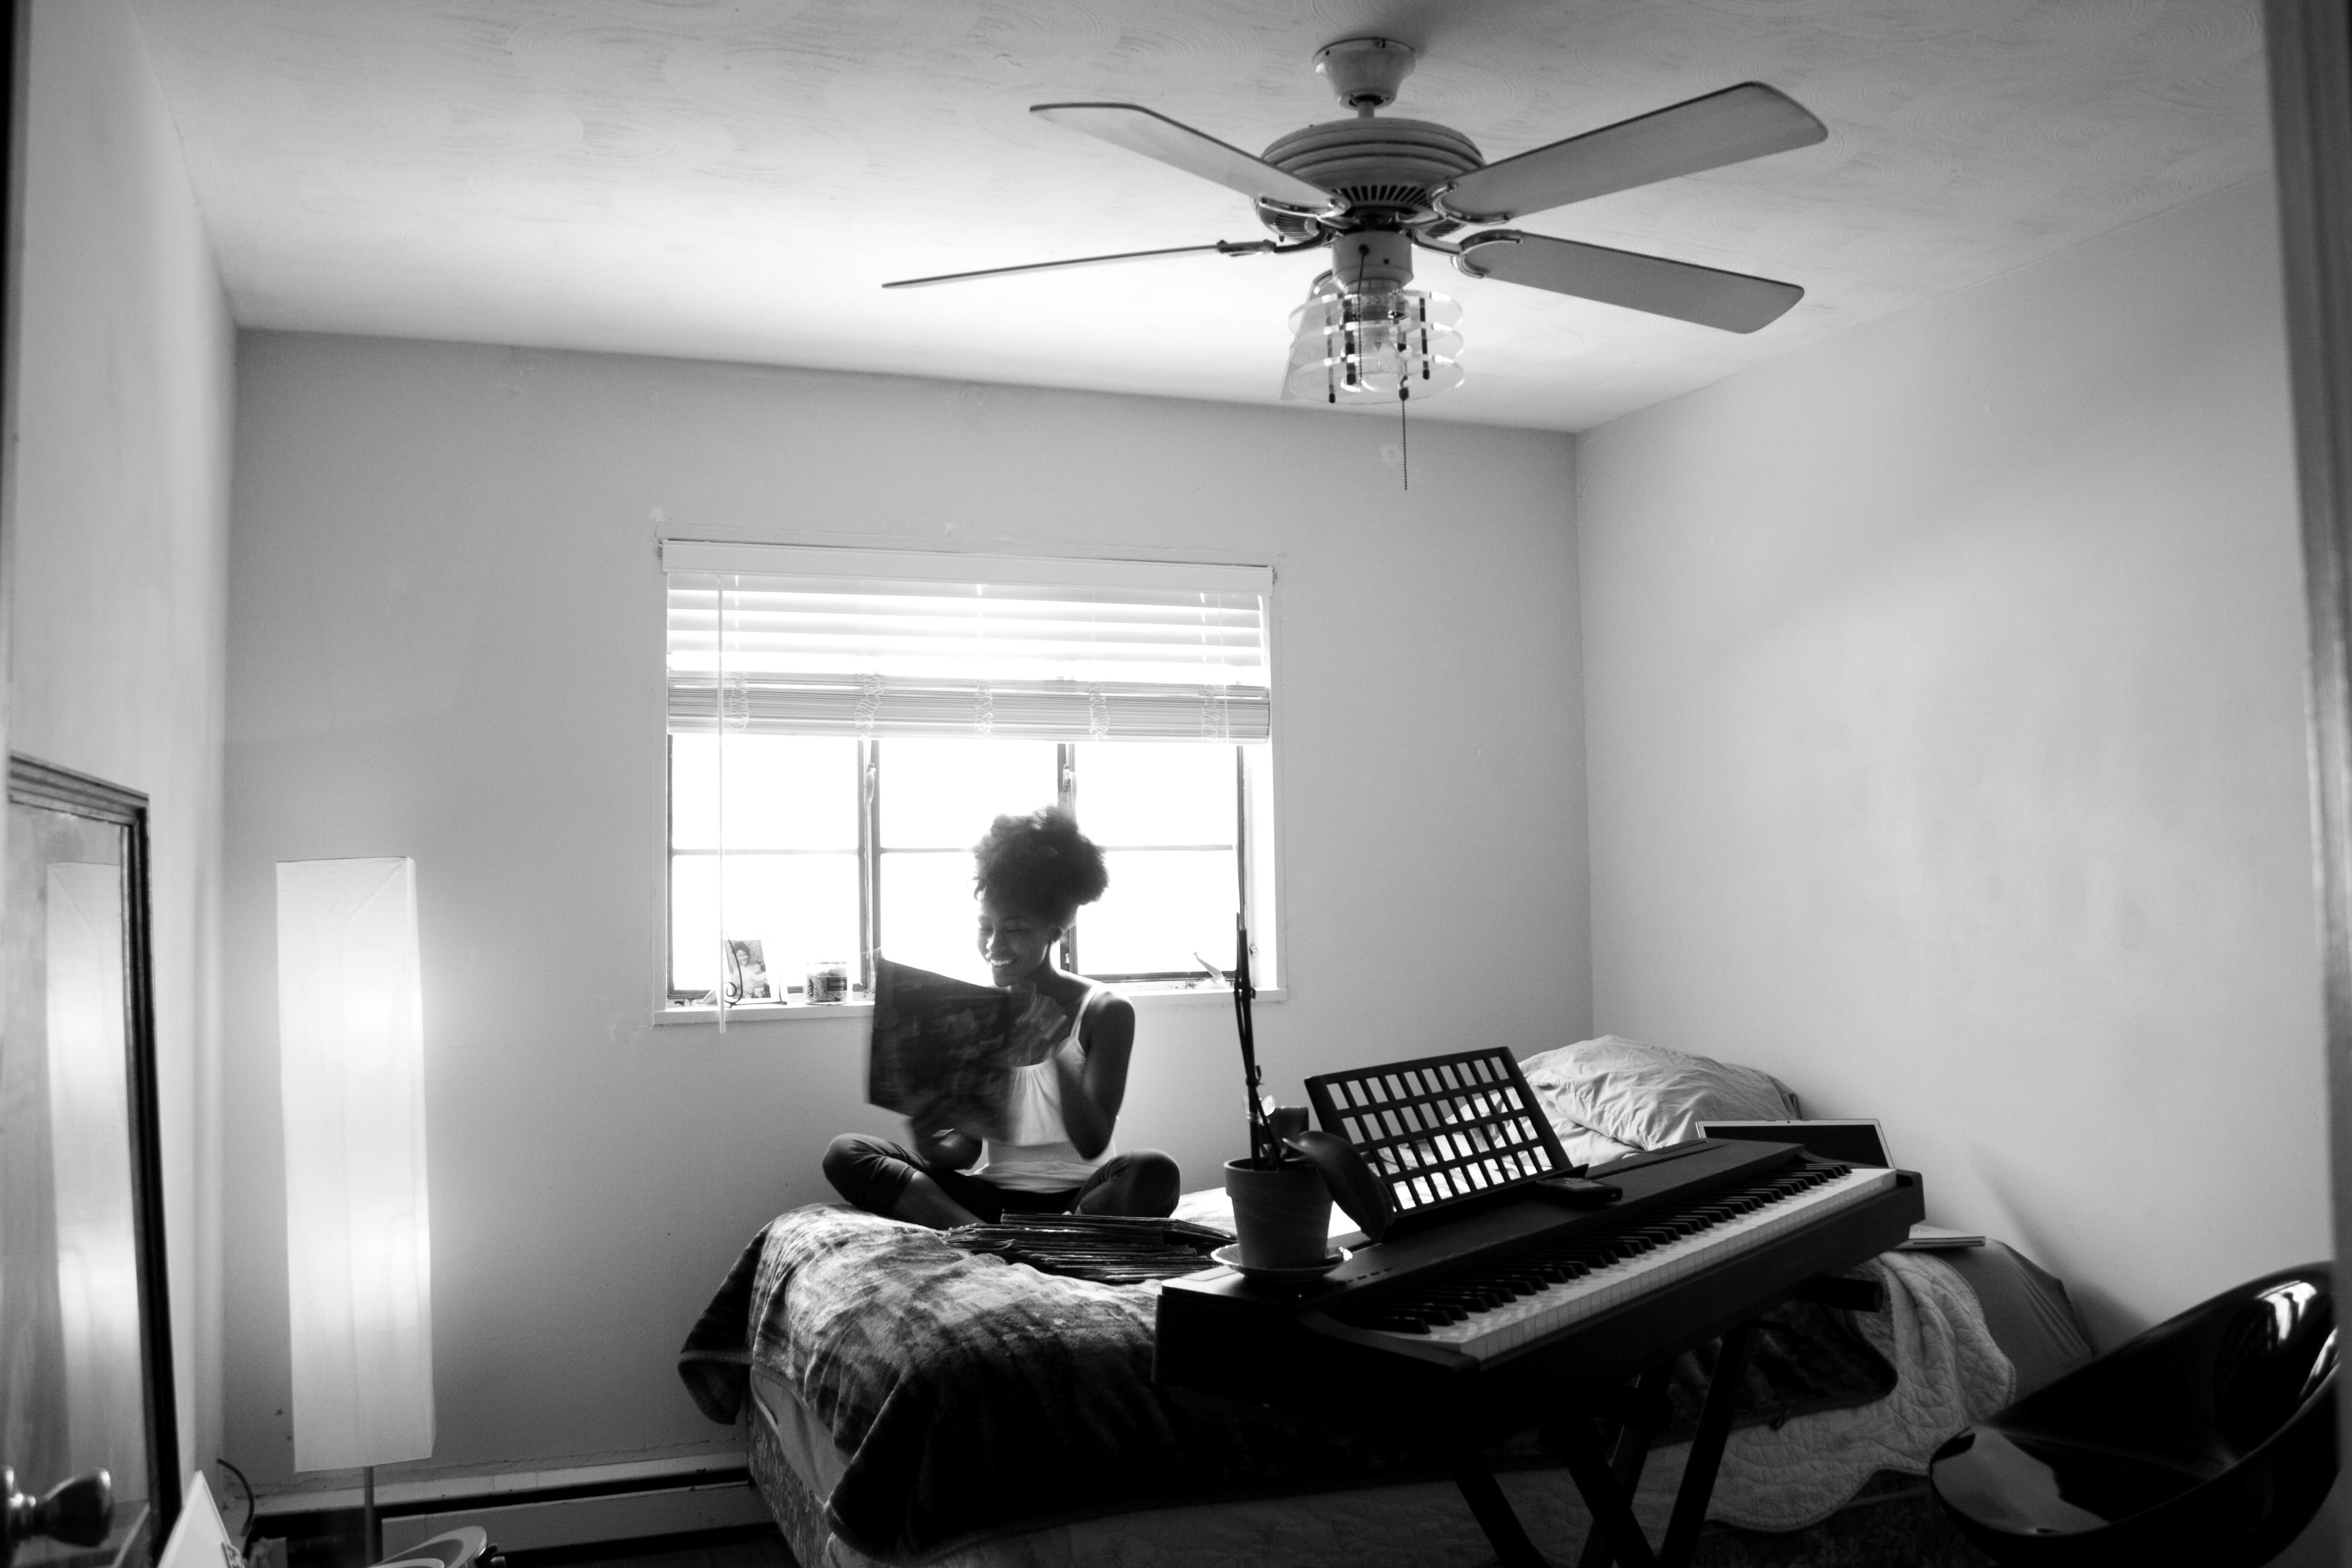 Photographer Kloe York